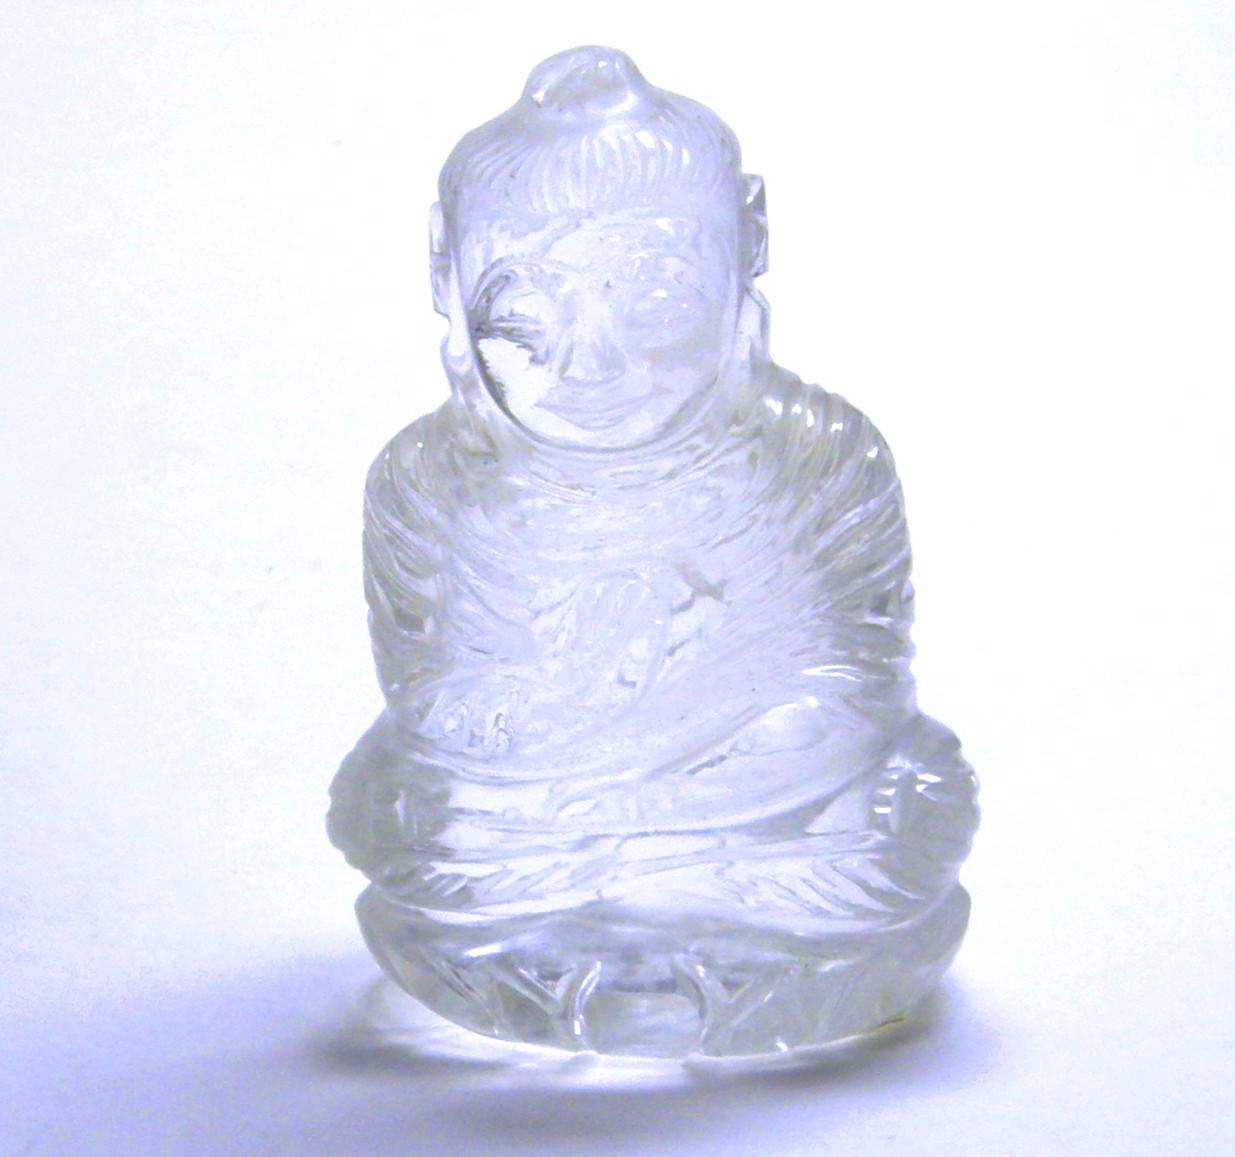 日本製 国内送料無料 天然水晶108g仏様彫刻品